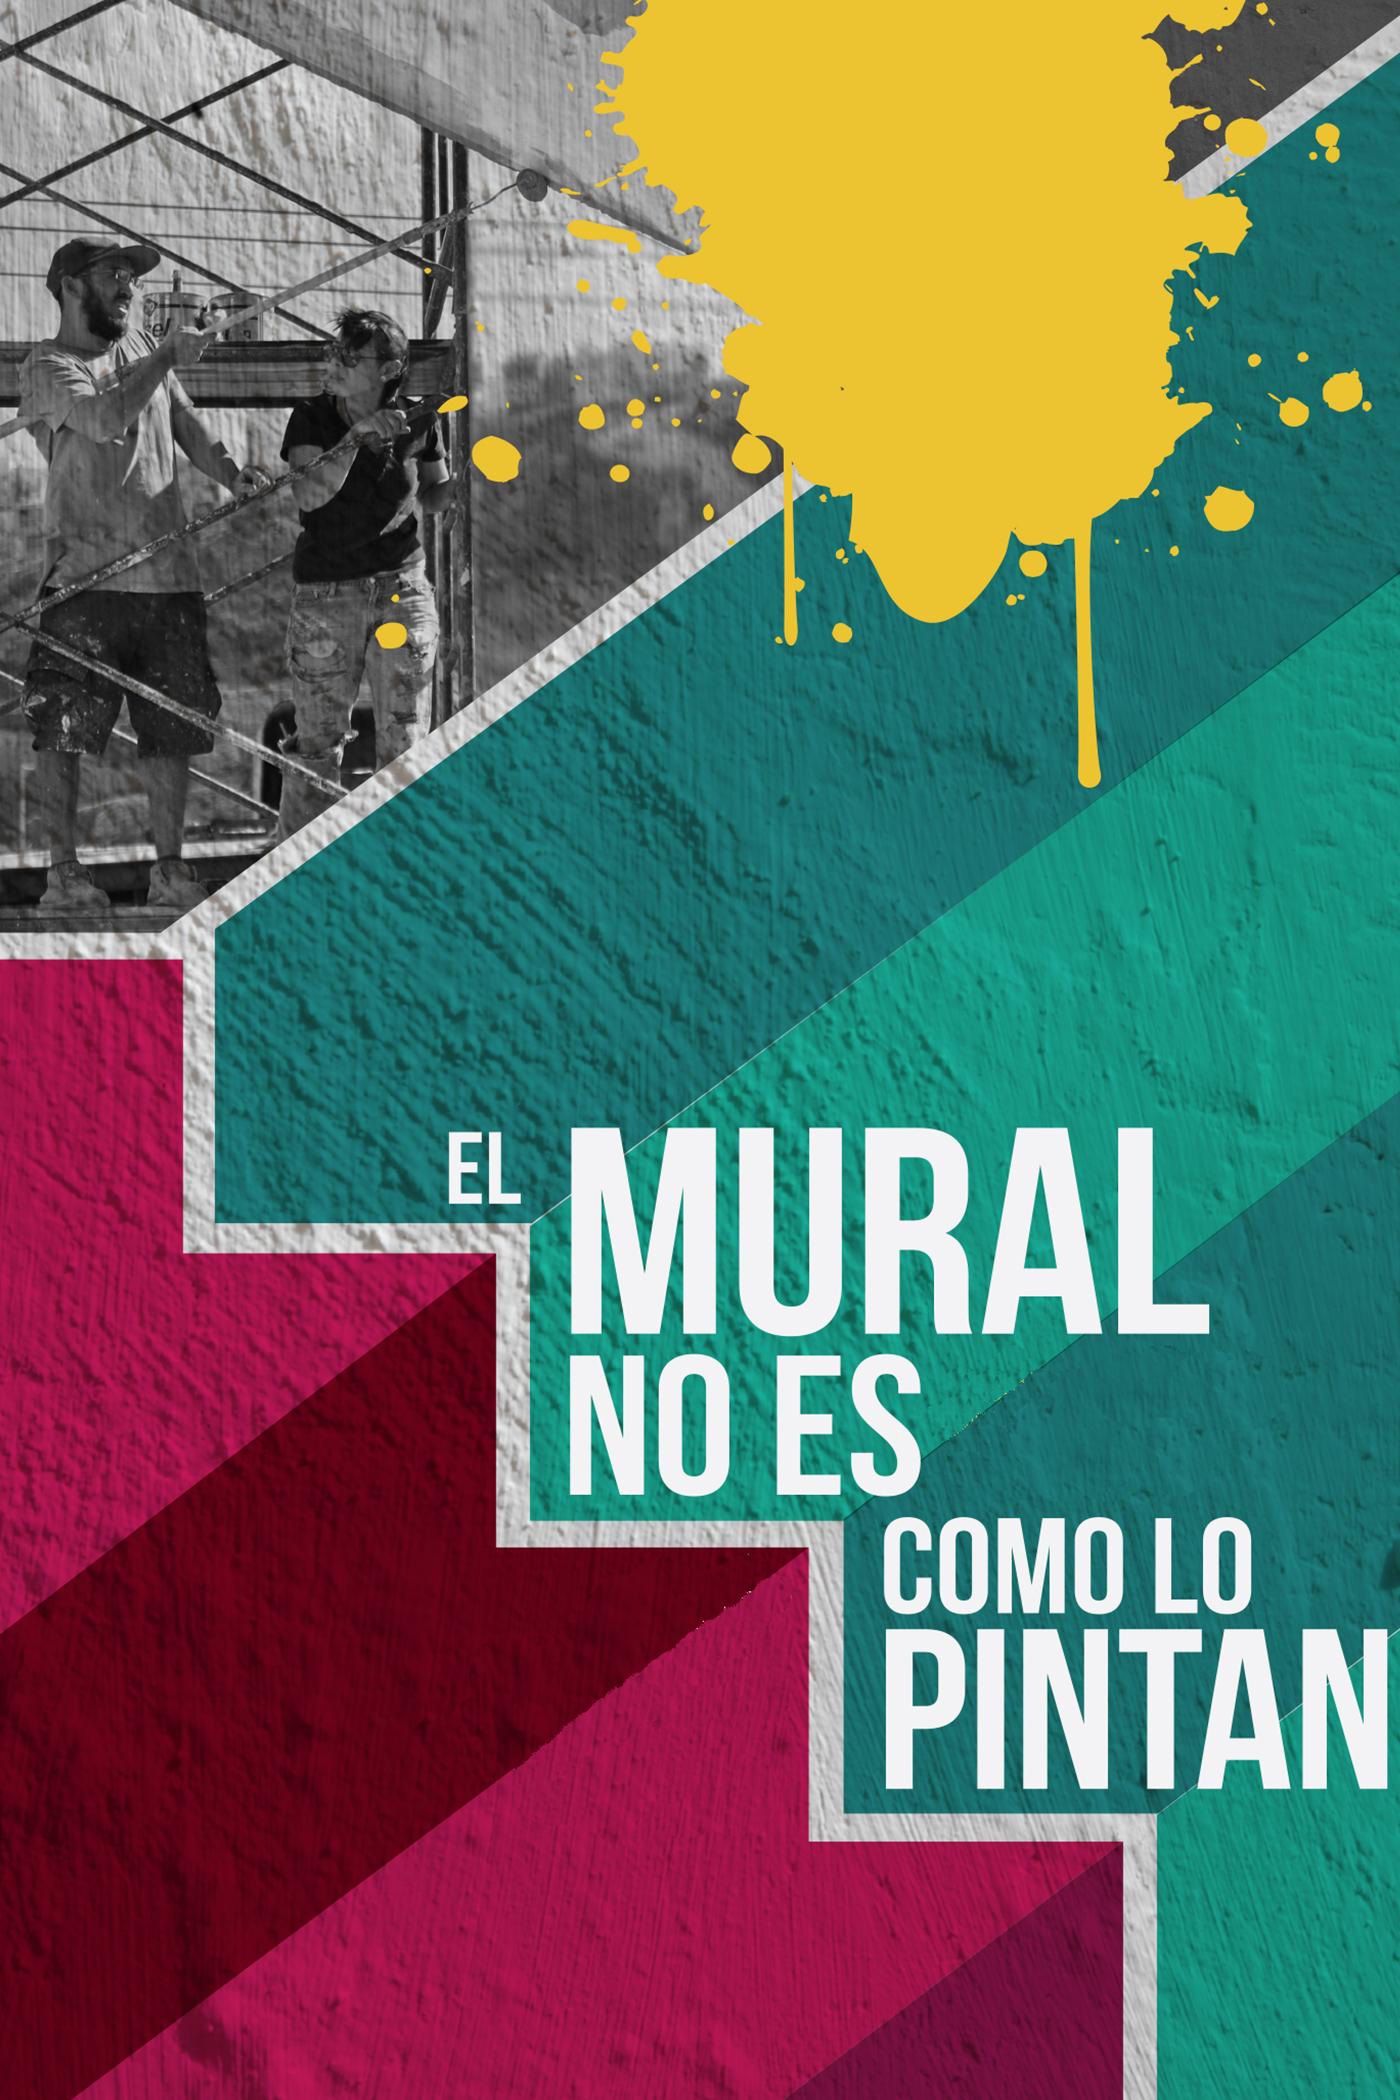 Poster El Mural.jpg